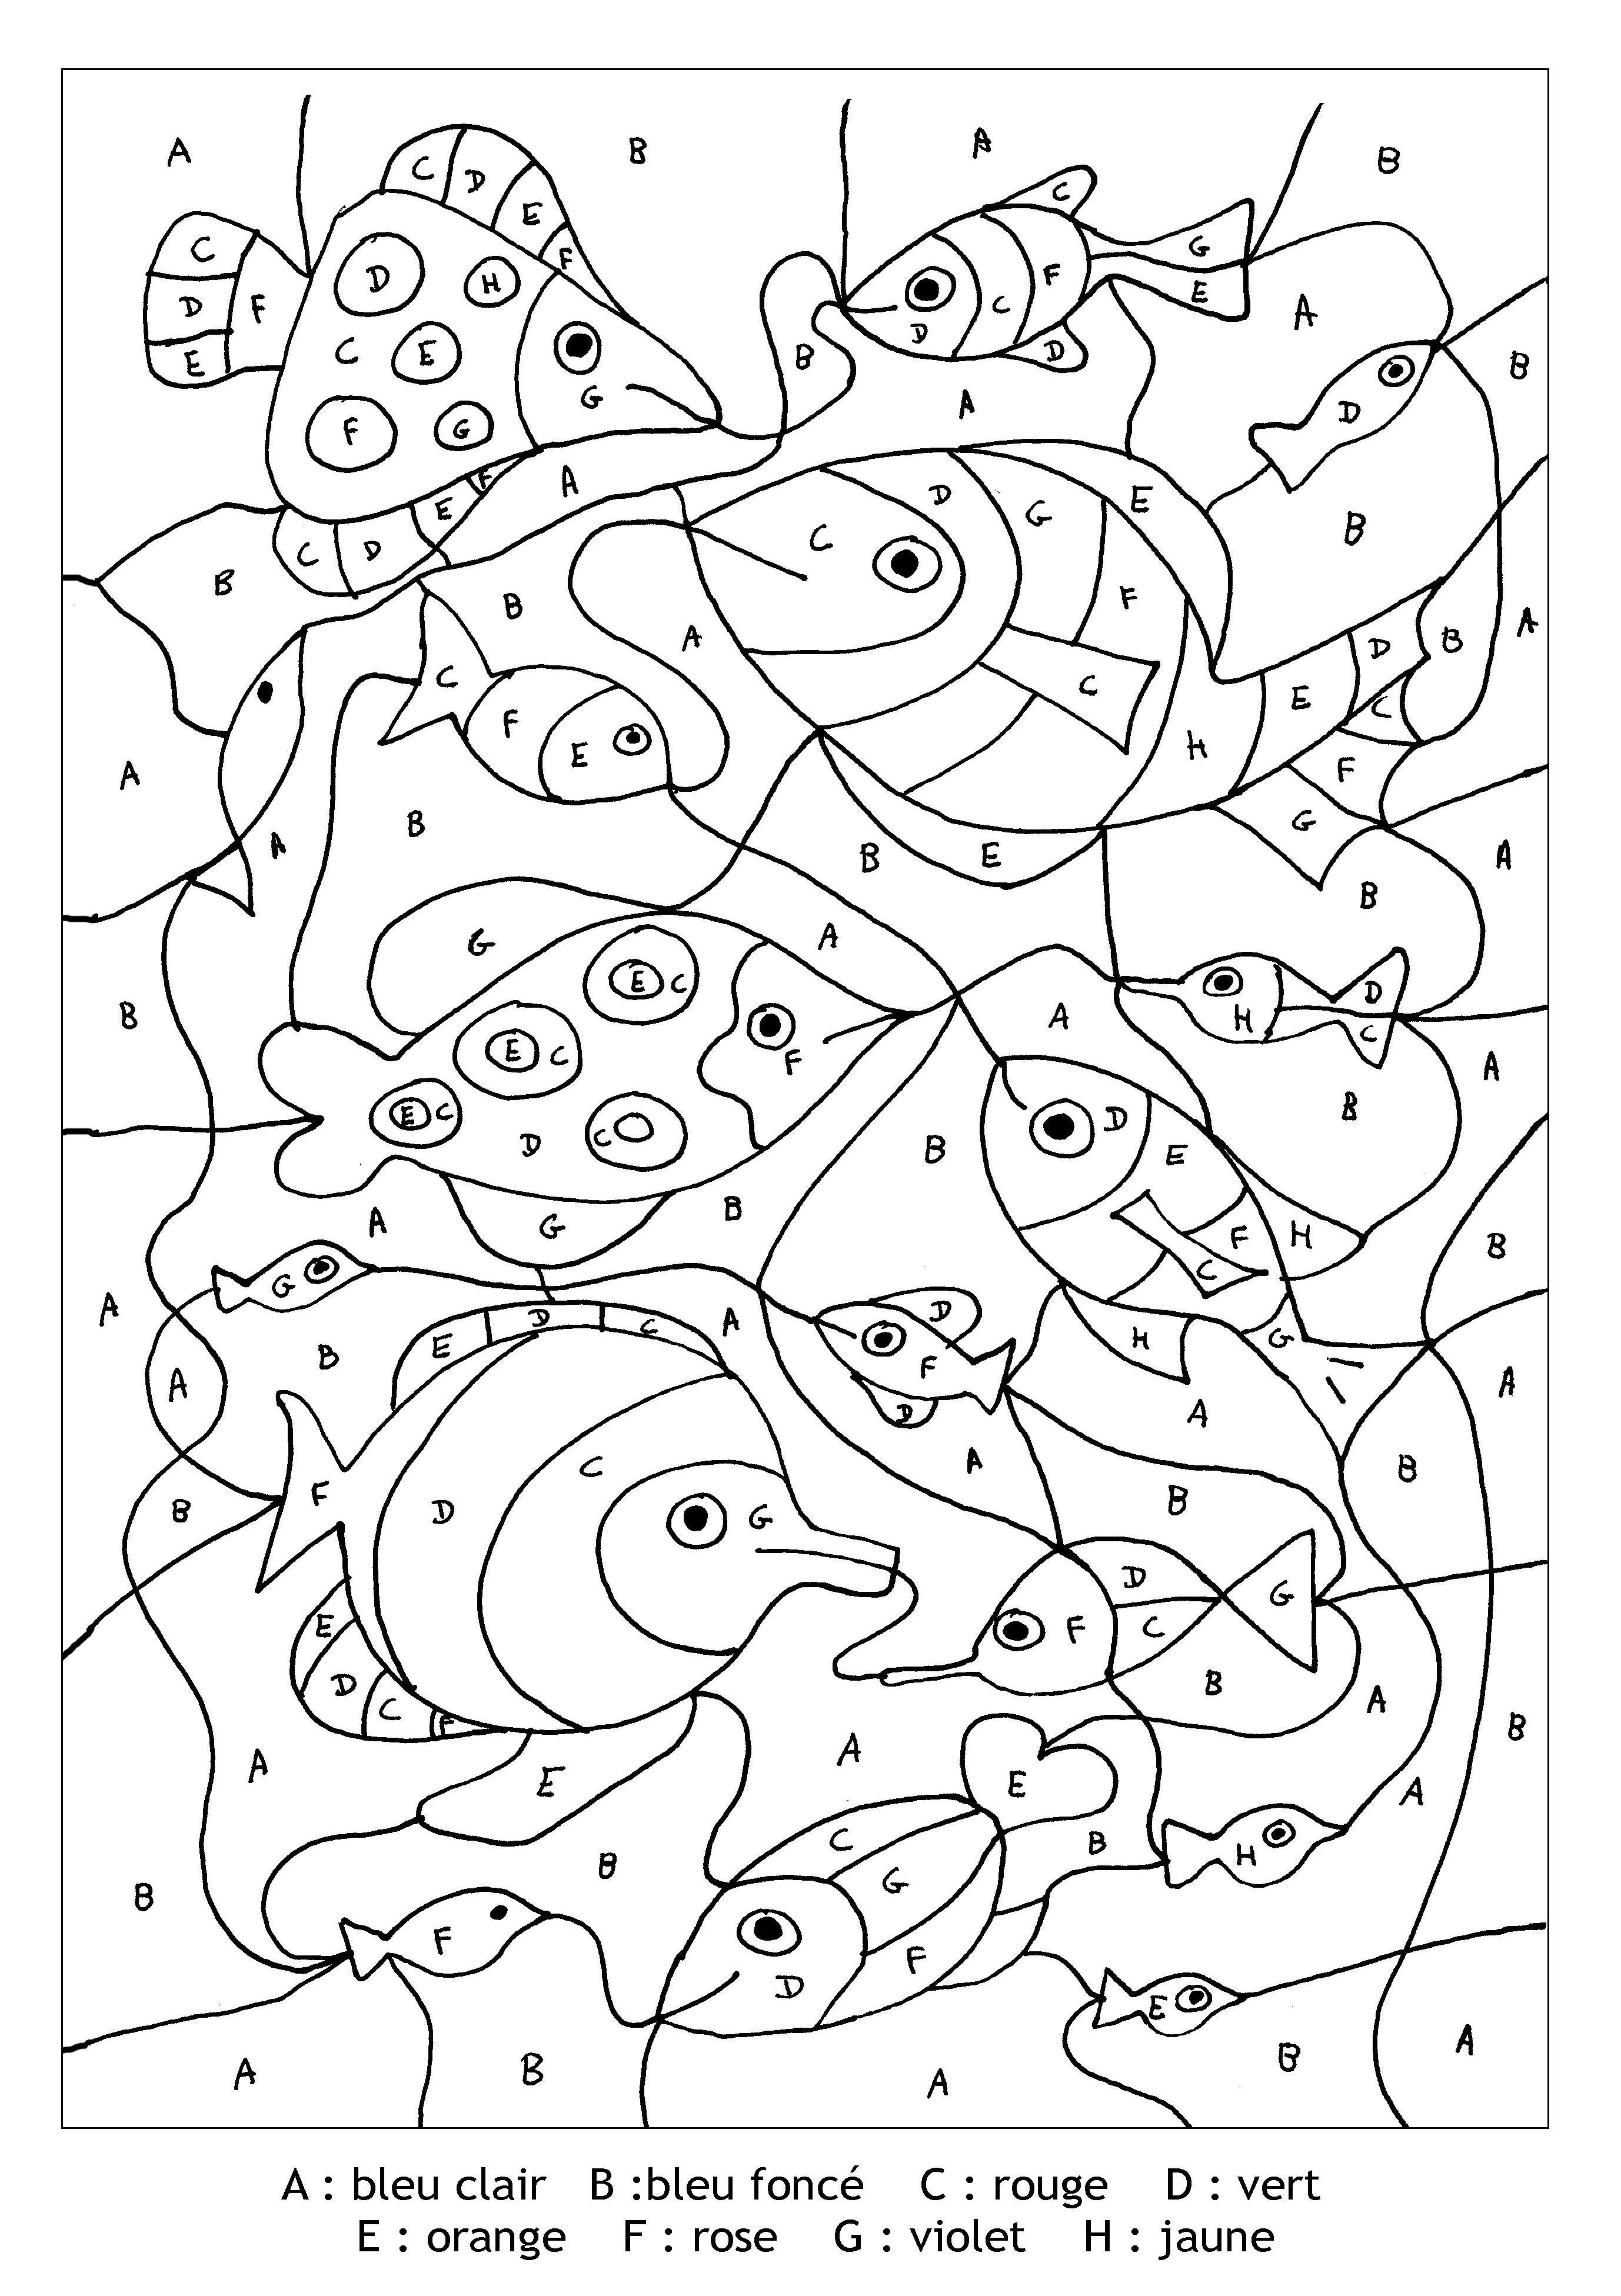 Pour imprimer ce coloriage gratuit «coloriage-magique